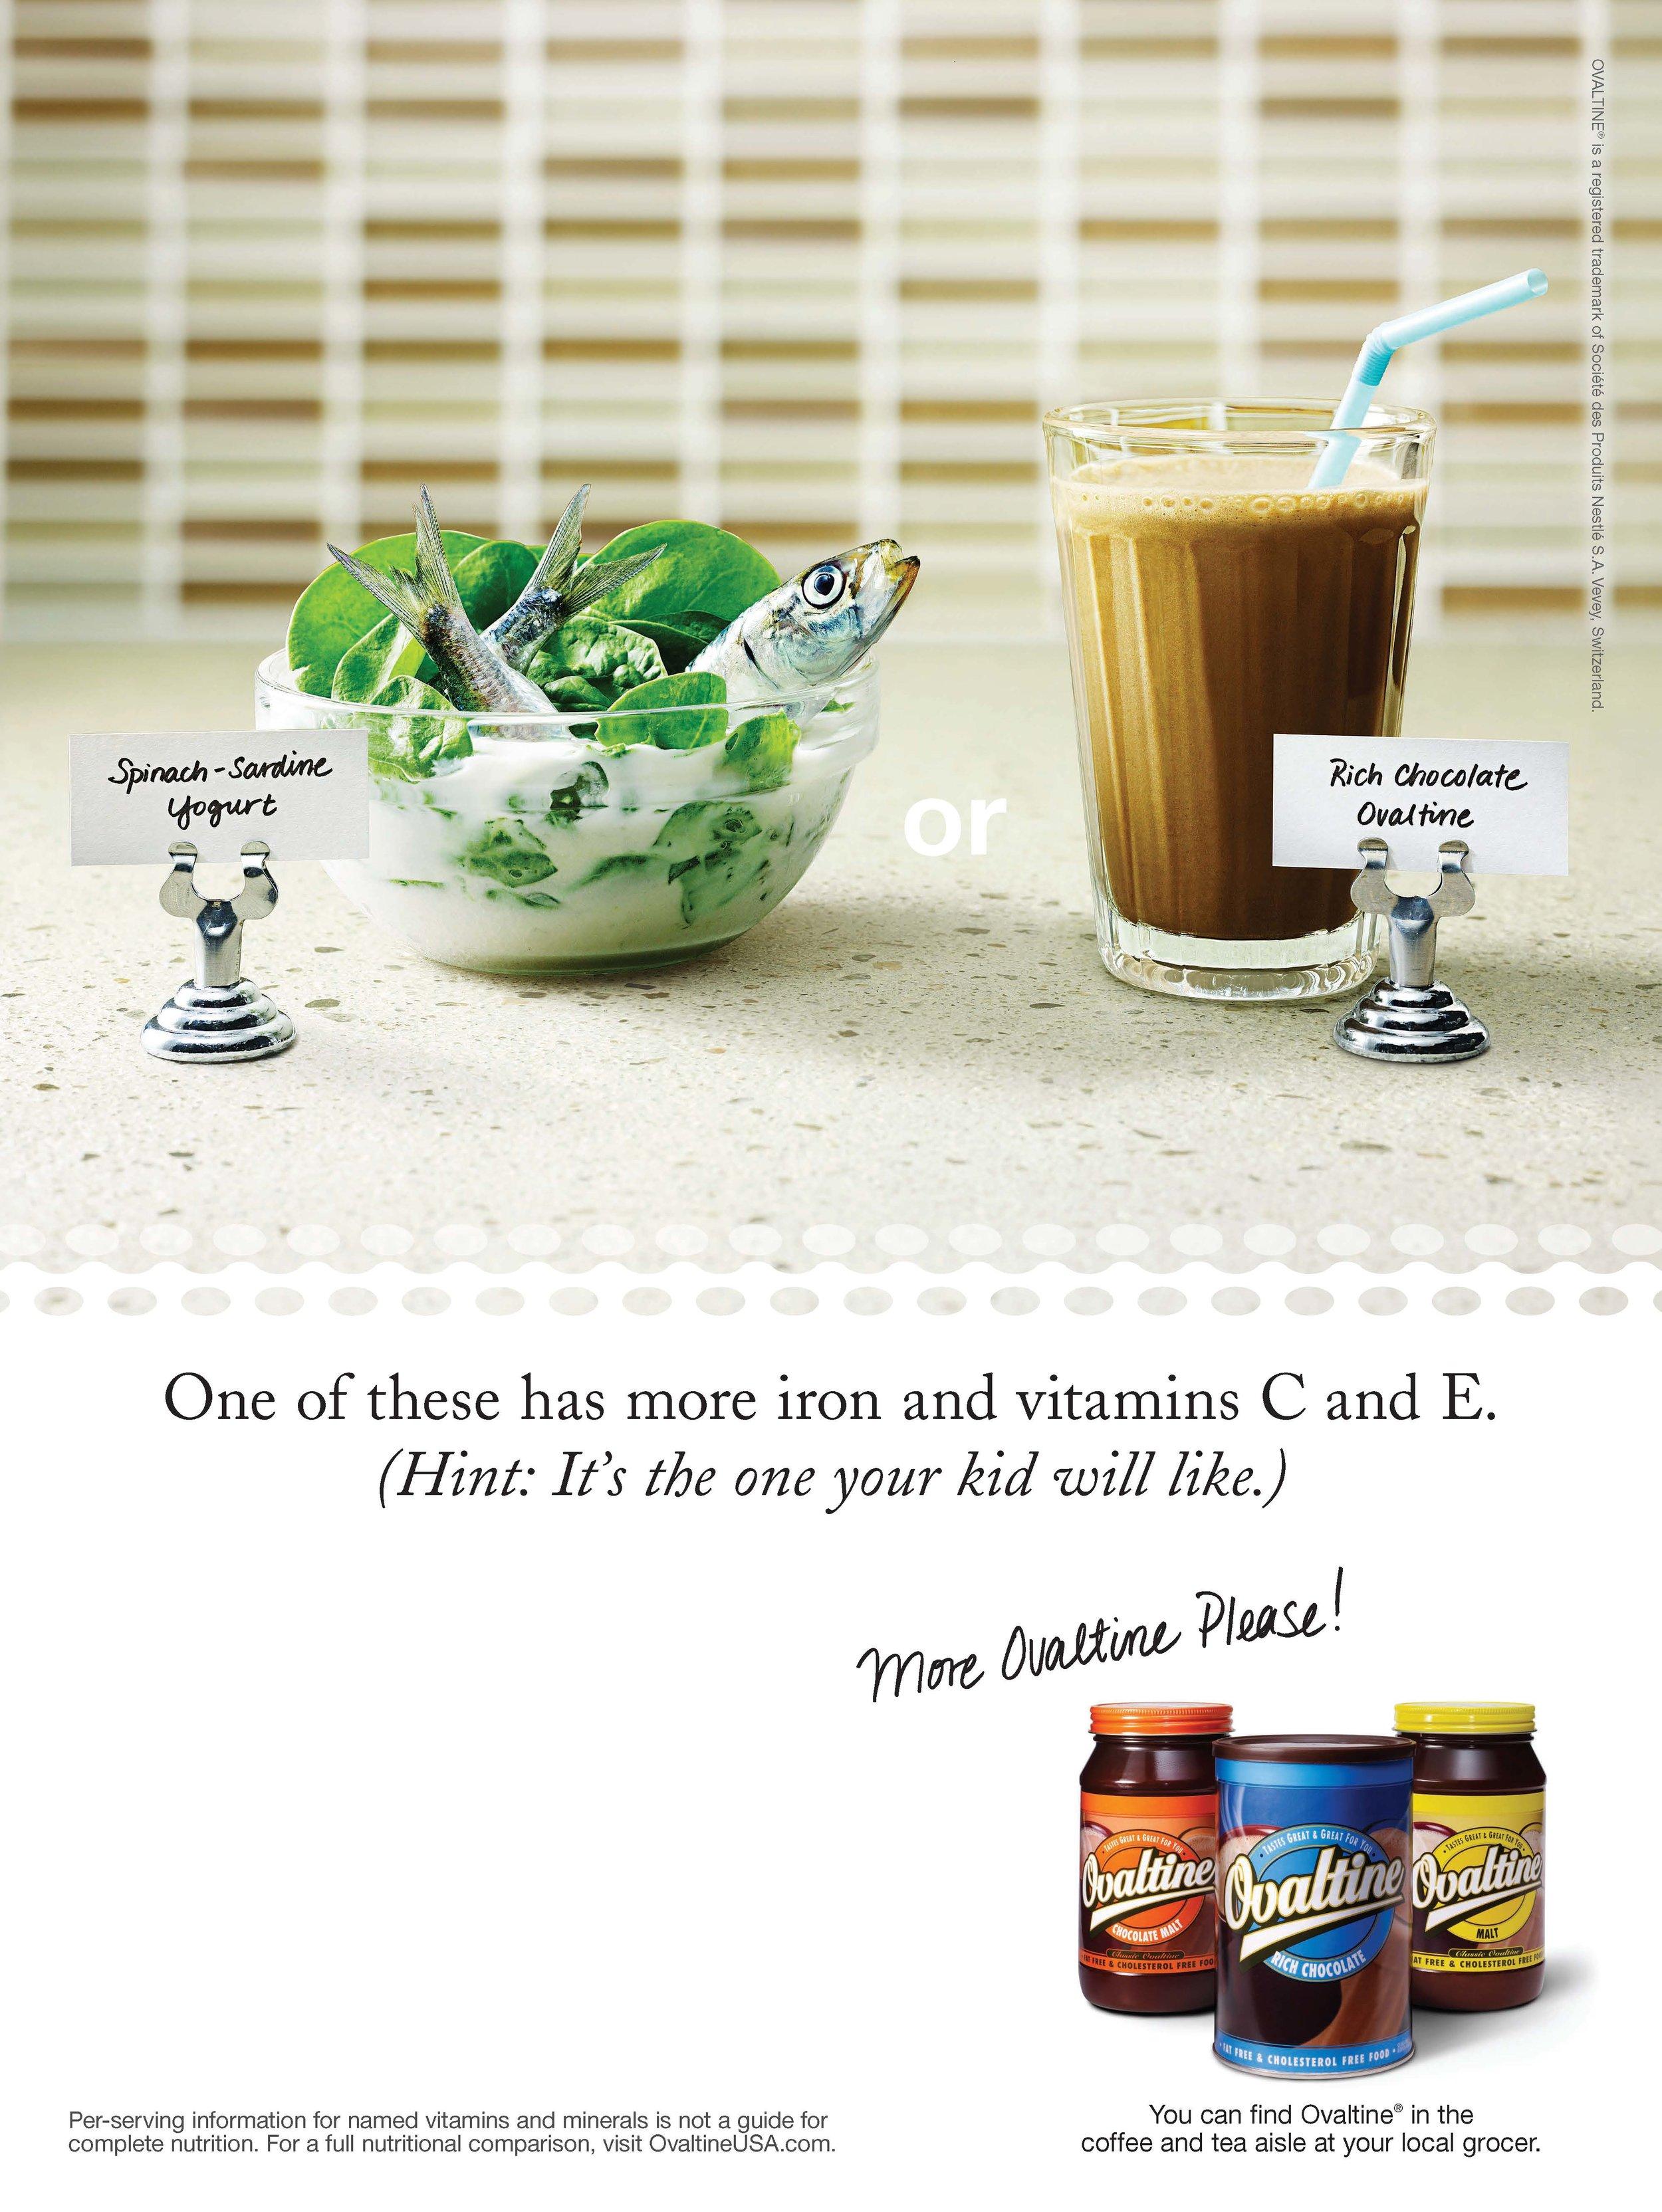 Nestlé/Ovaltine - More Vitamins: Print Ad